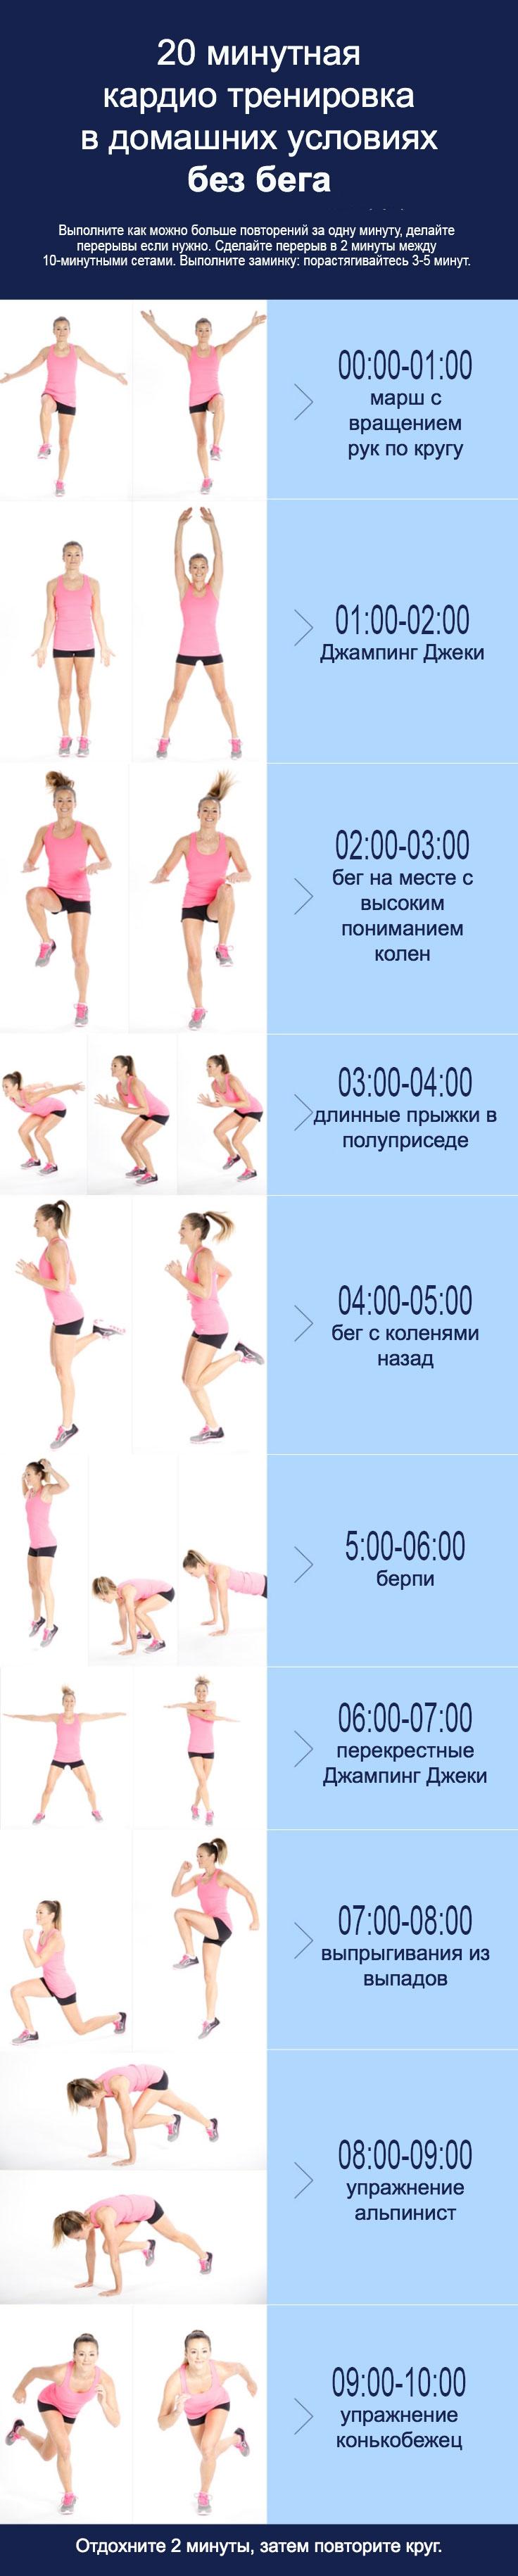 Комплекс кардио тренировки для похудения в домашних условиях